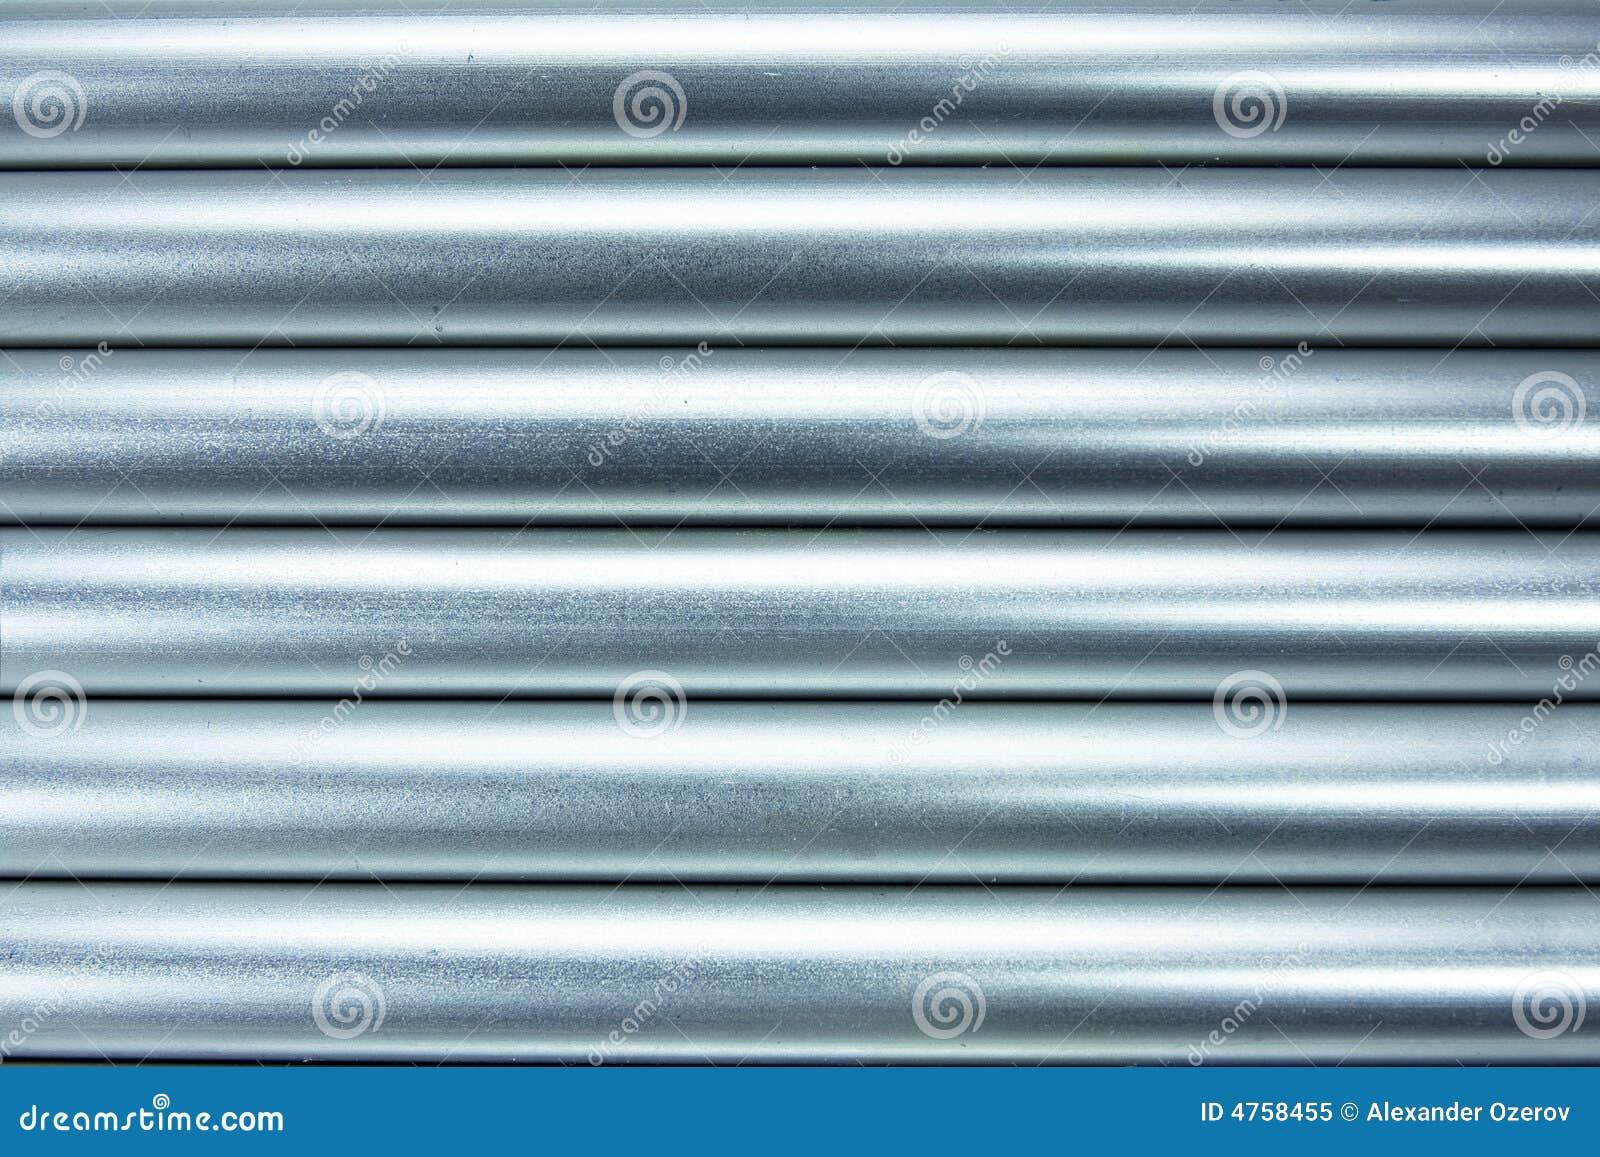 Aluminiumgefäßhintergrund